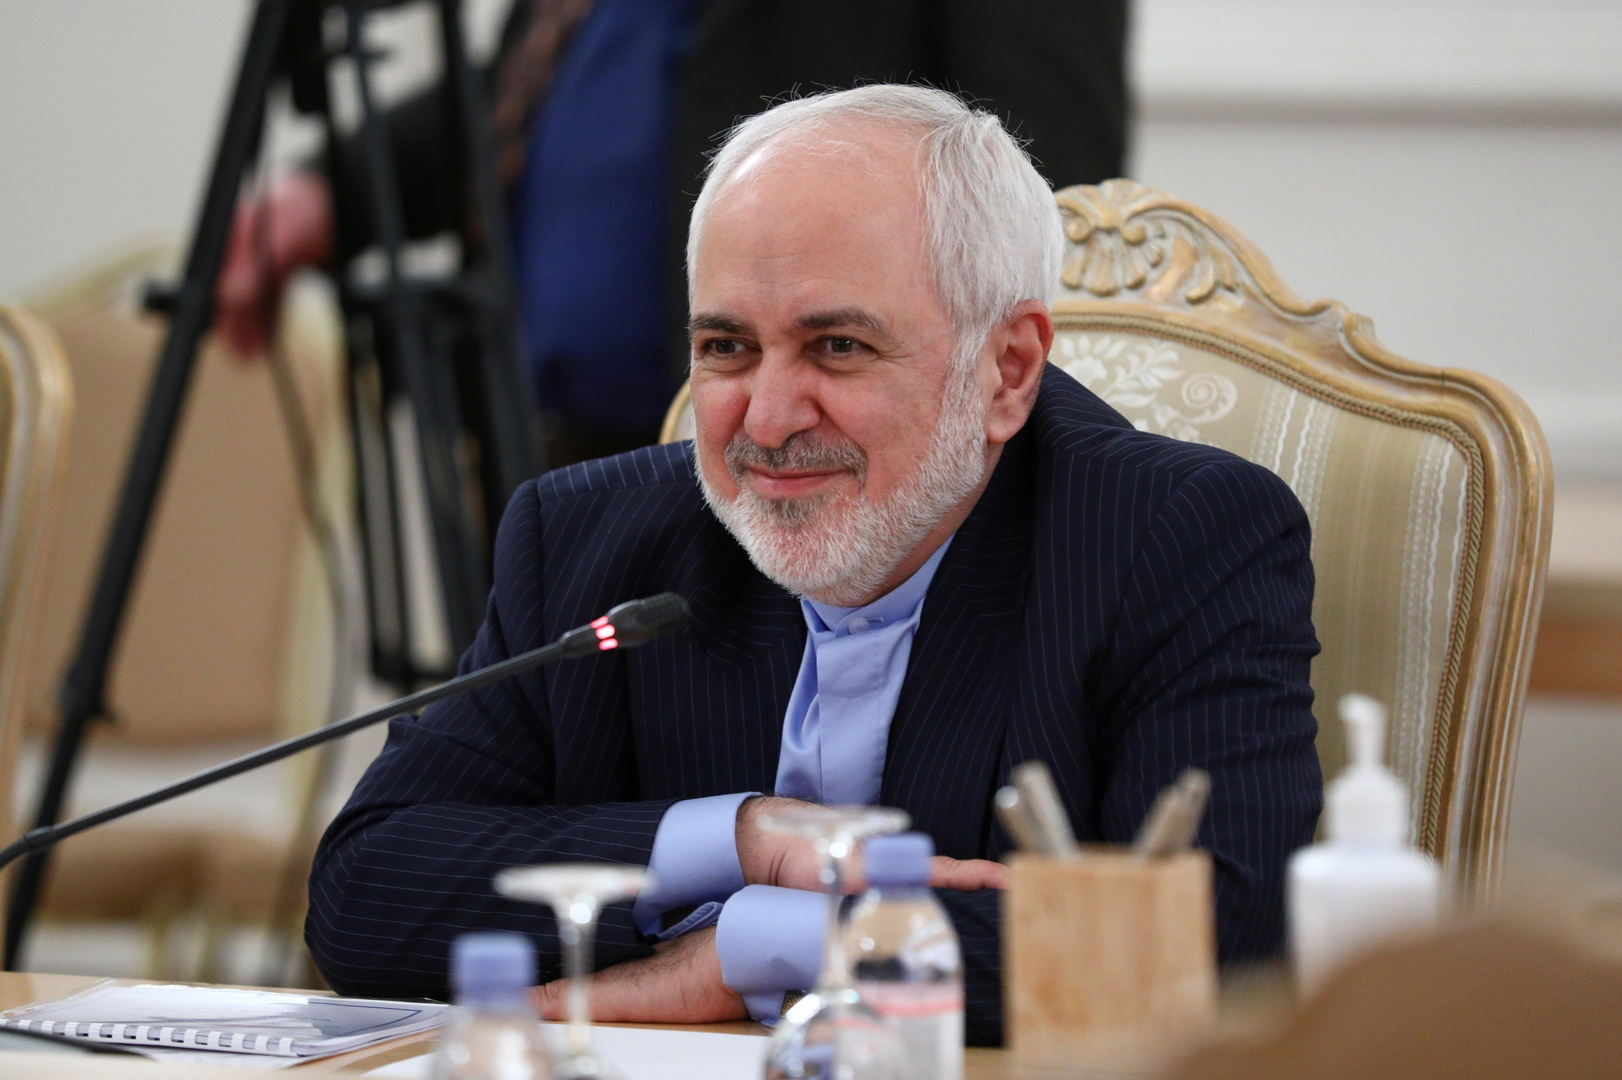 ظريف: واشنطن من خرق الاتفاق النووي بدون سبب وينبغي عليها تصحيح الخطأ